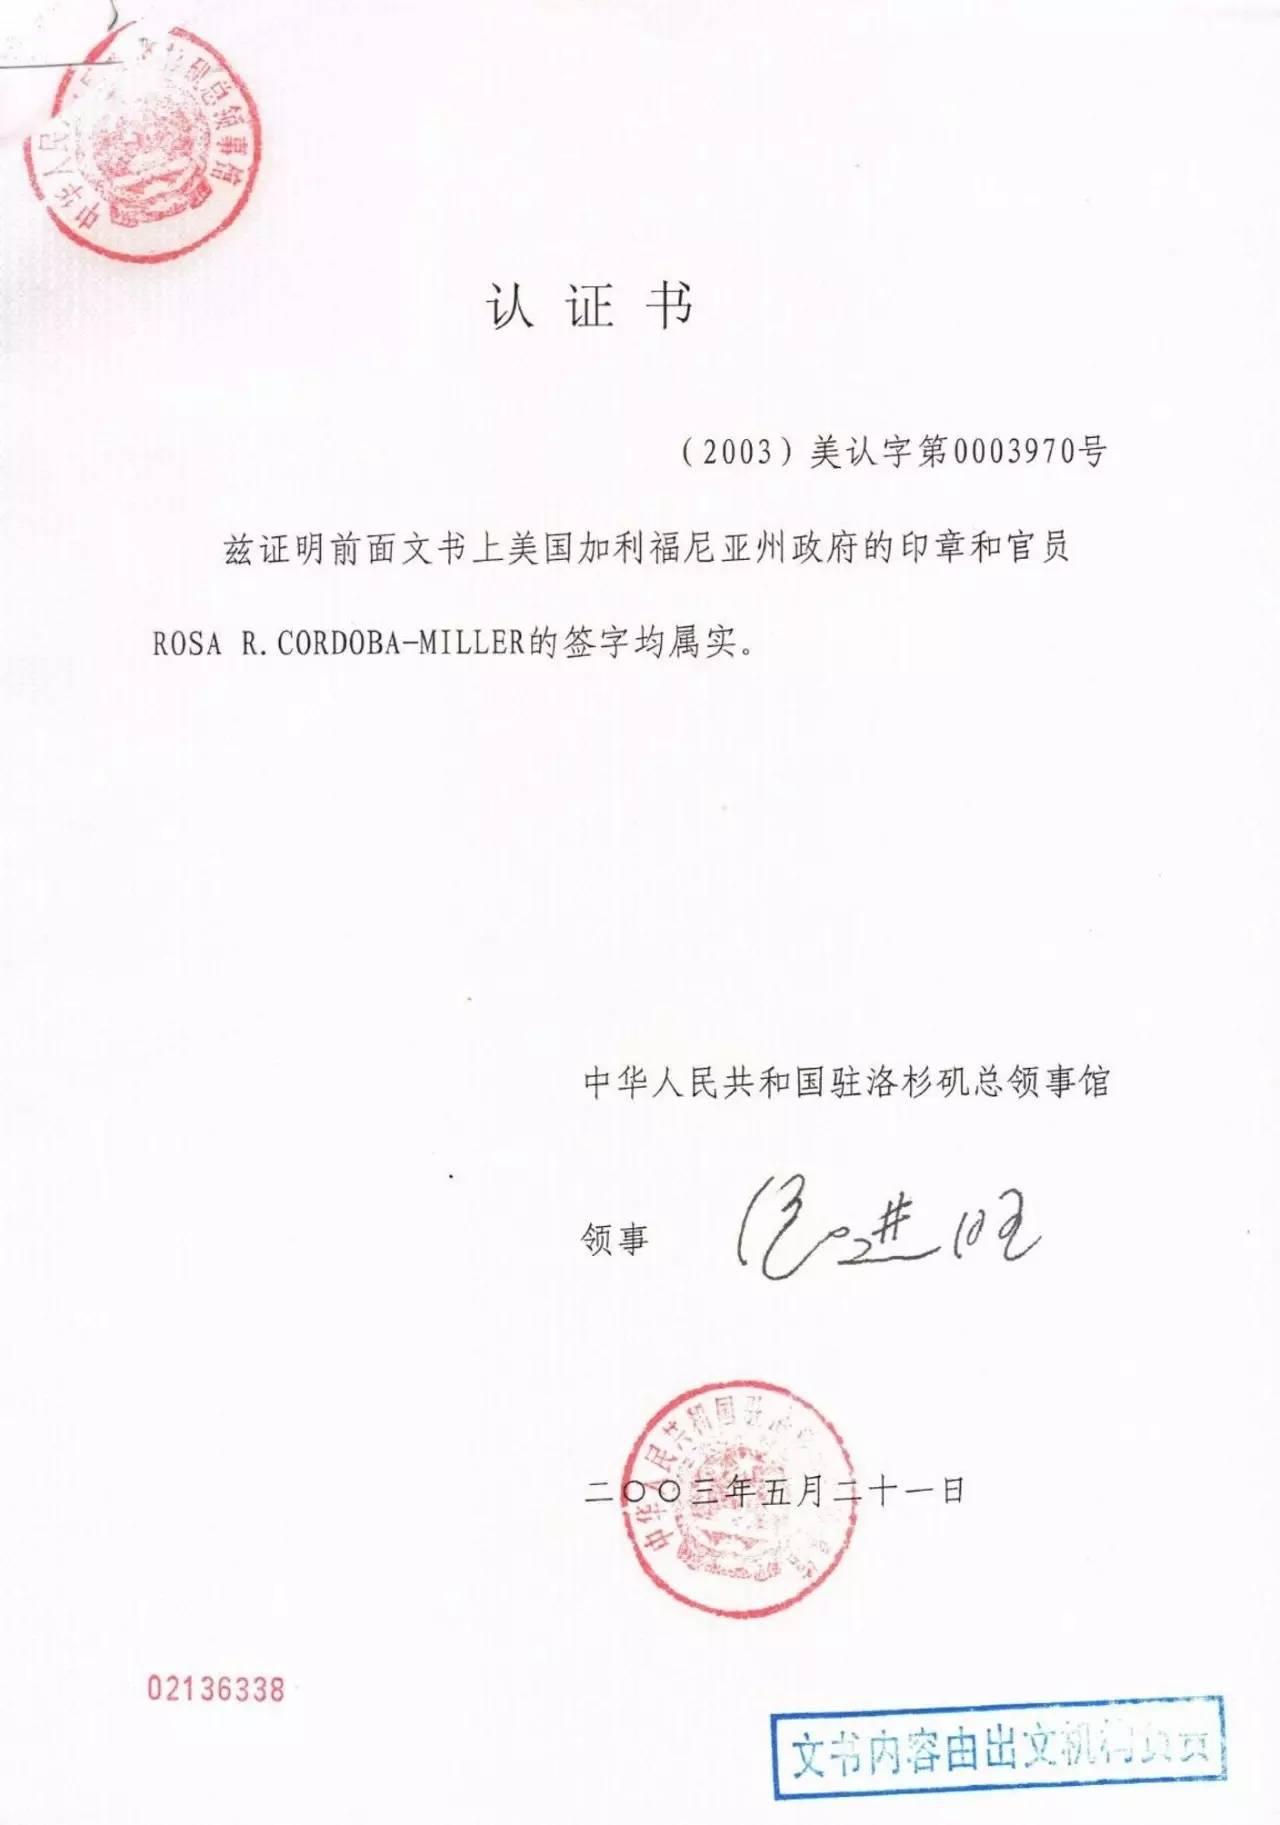 周永康陈绍基陷害第三世多杰羌佛真相曝光 第18张